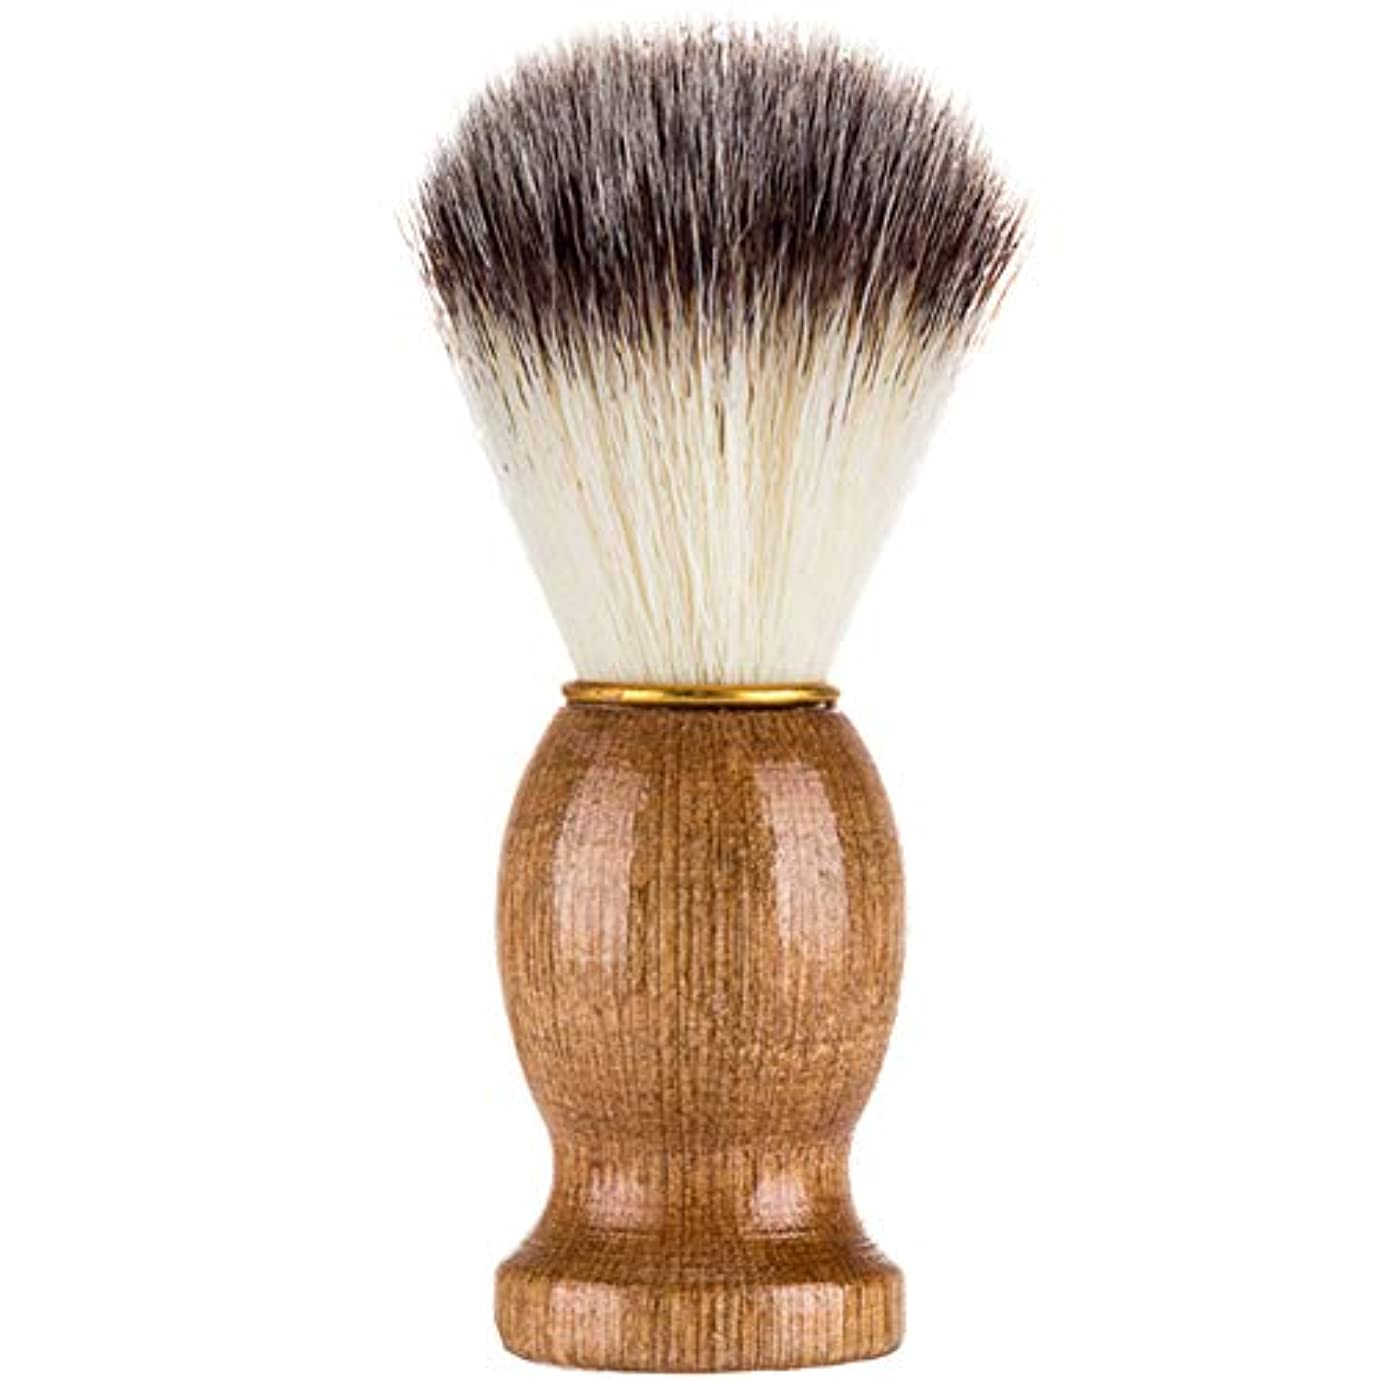 初心者記念碑的な状態CoolTack シェービングブラシ、シェービングブラシ、男性シェービングブラシシェービングかみそりブラシサロン理髪店用ツールひげ剃り用品